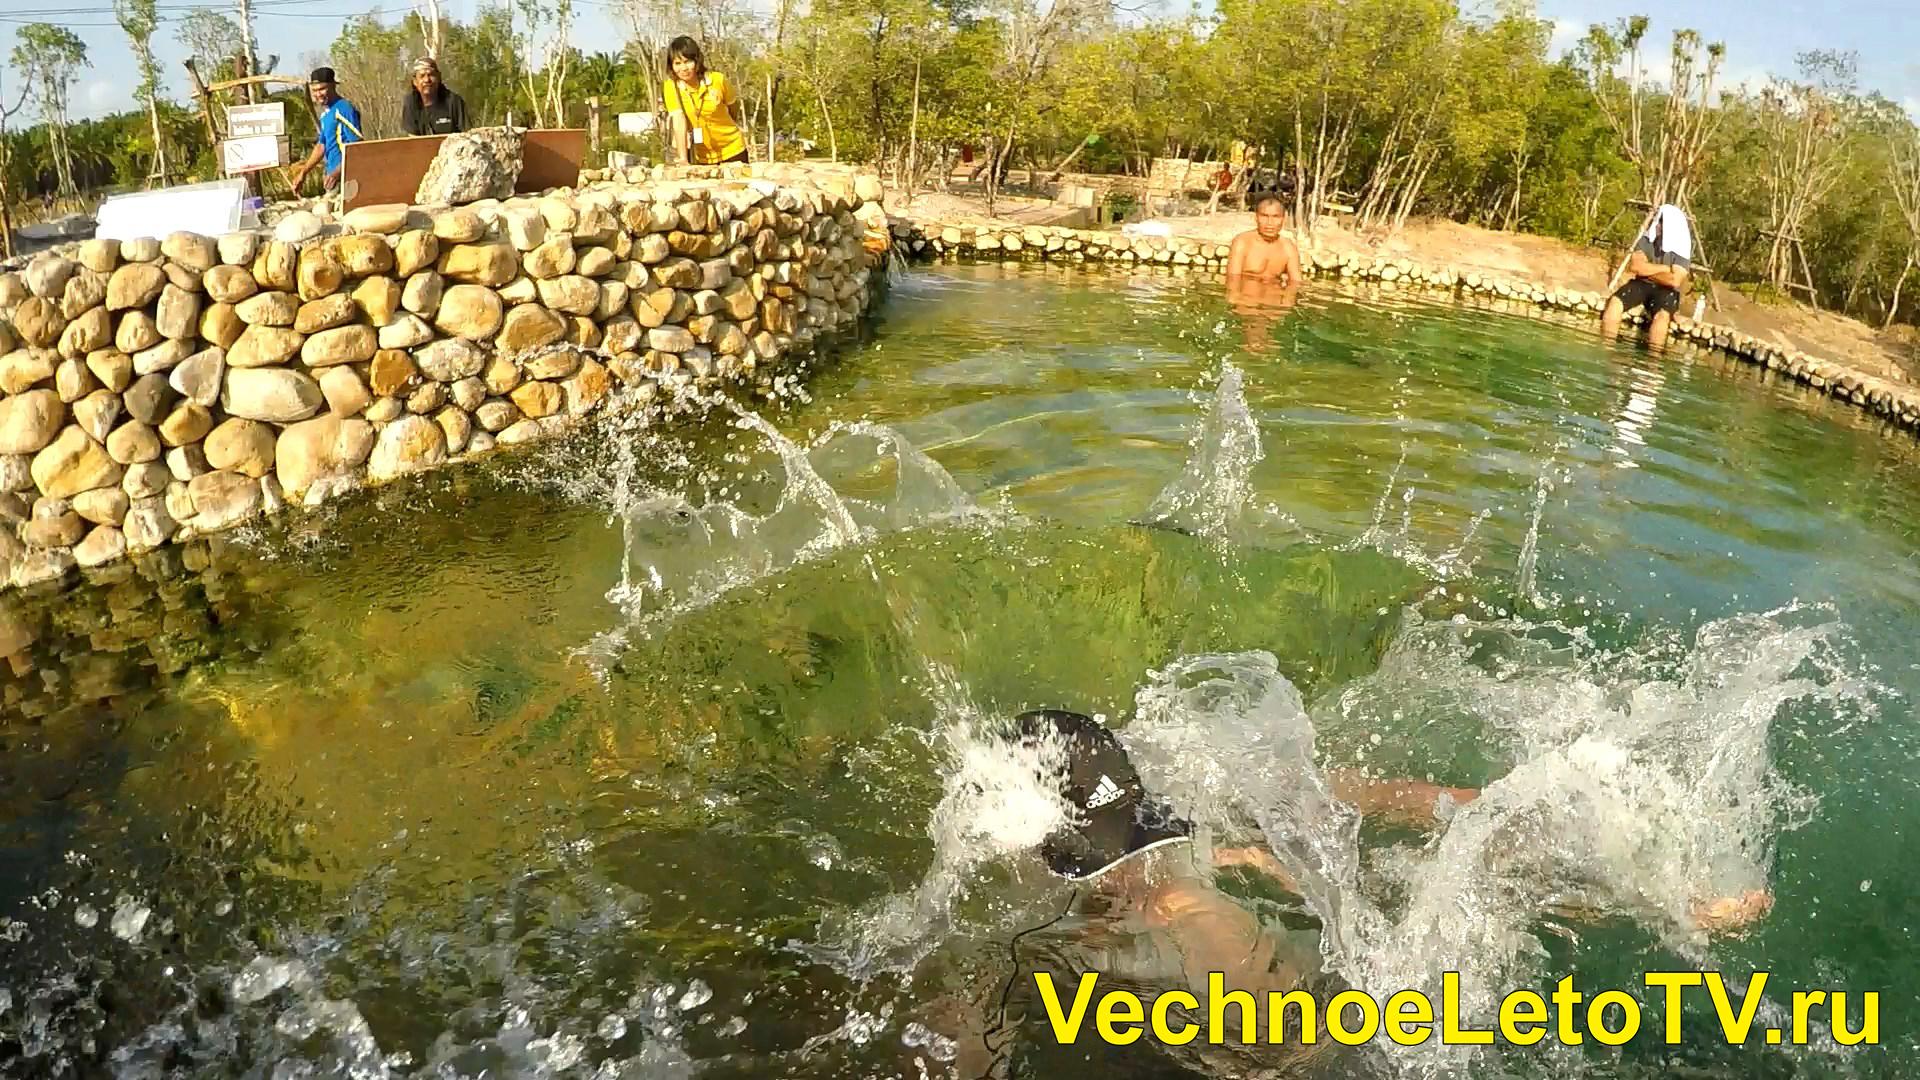 Краби Тайланд горячие источники вечное лето